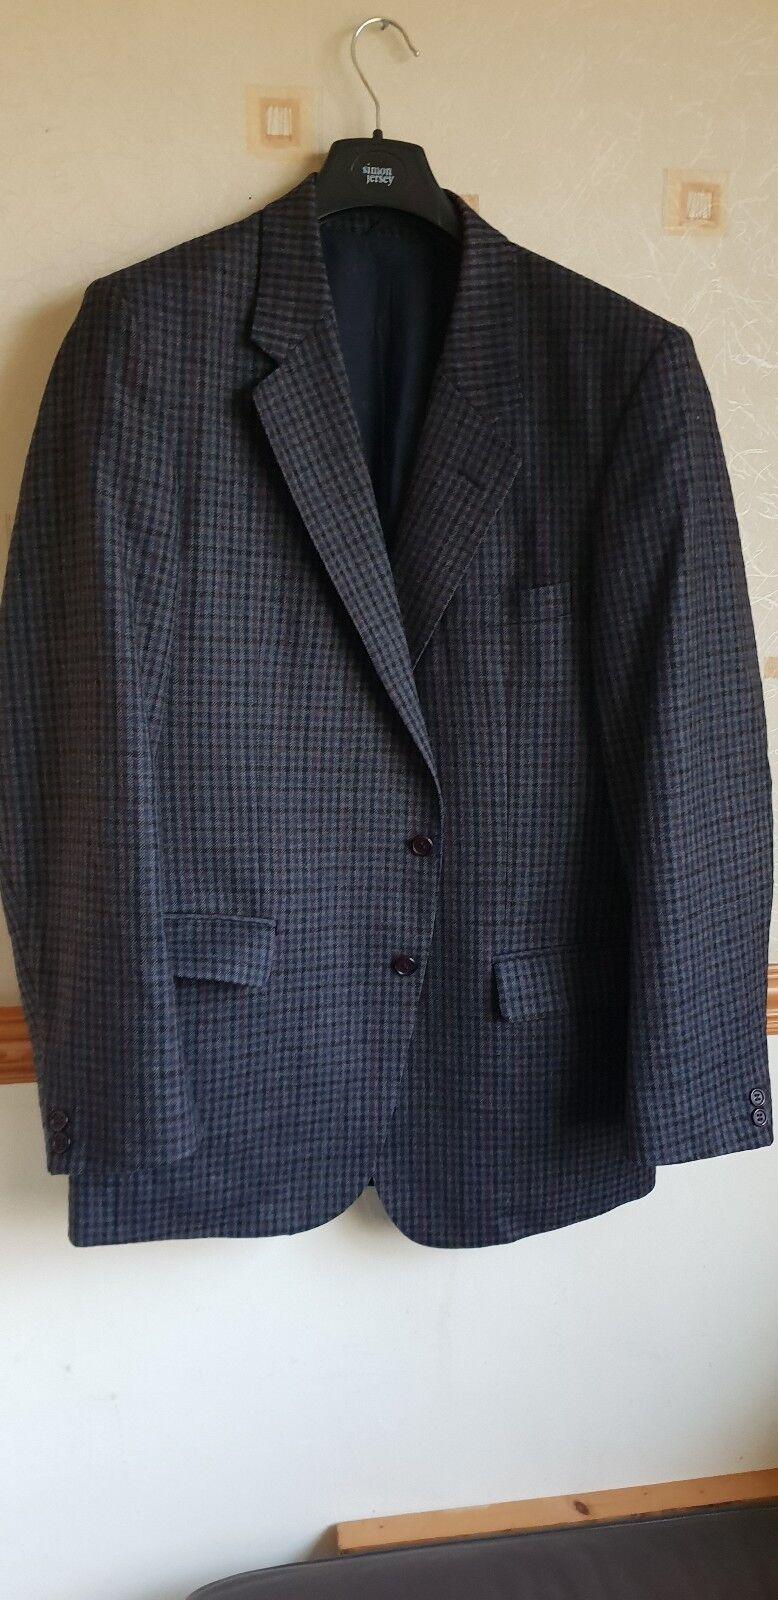 Christian Dior  Blazer Chaqueta de lana para hombre 42 cm regular de 107  compras online de deportes